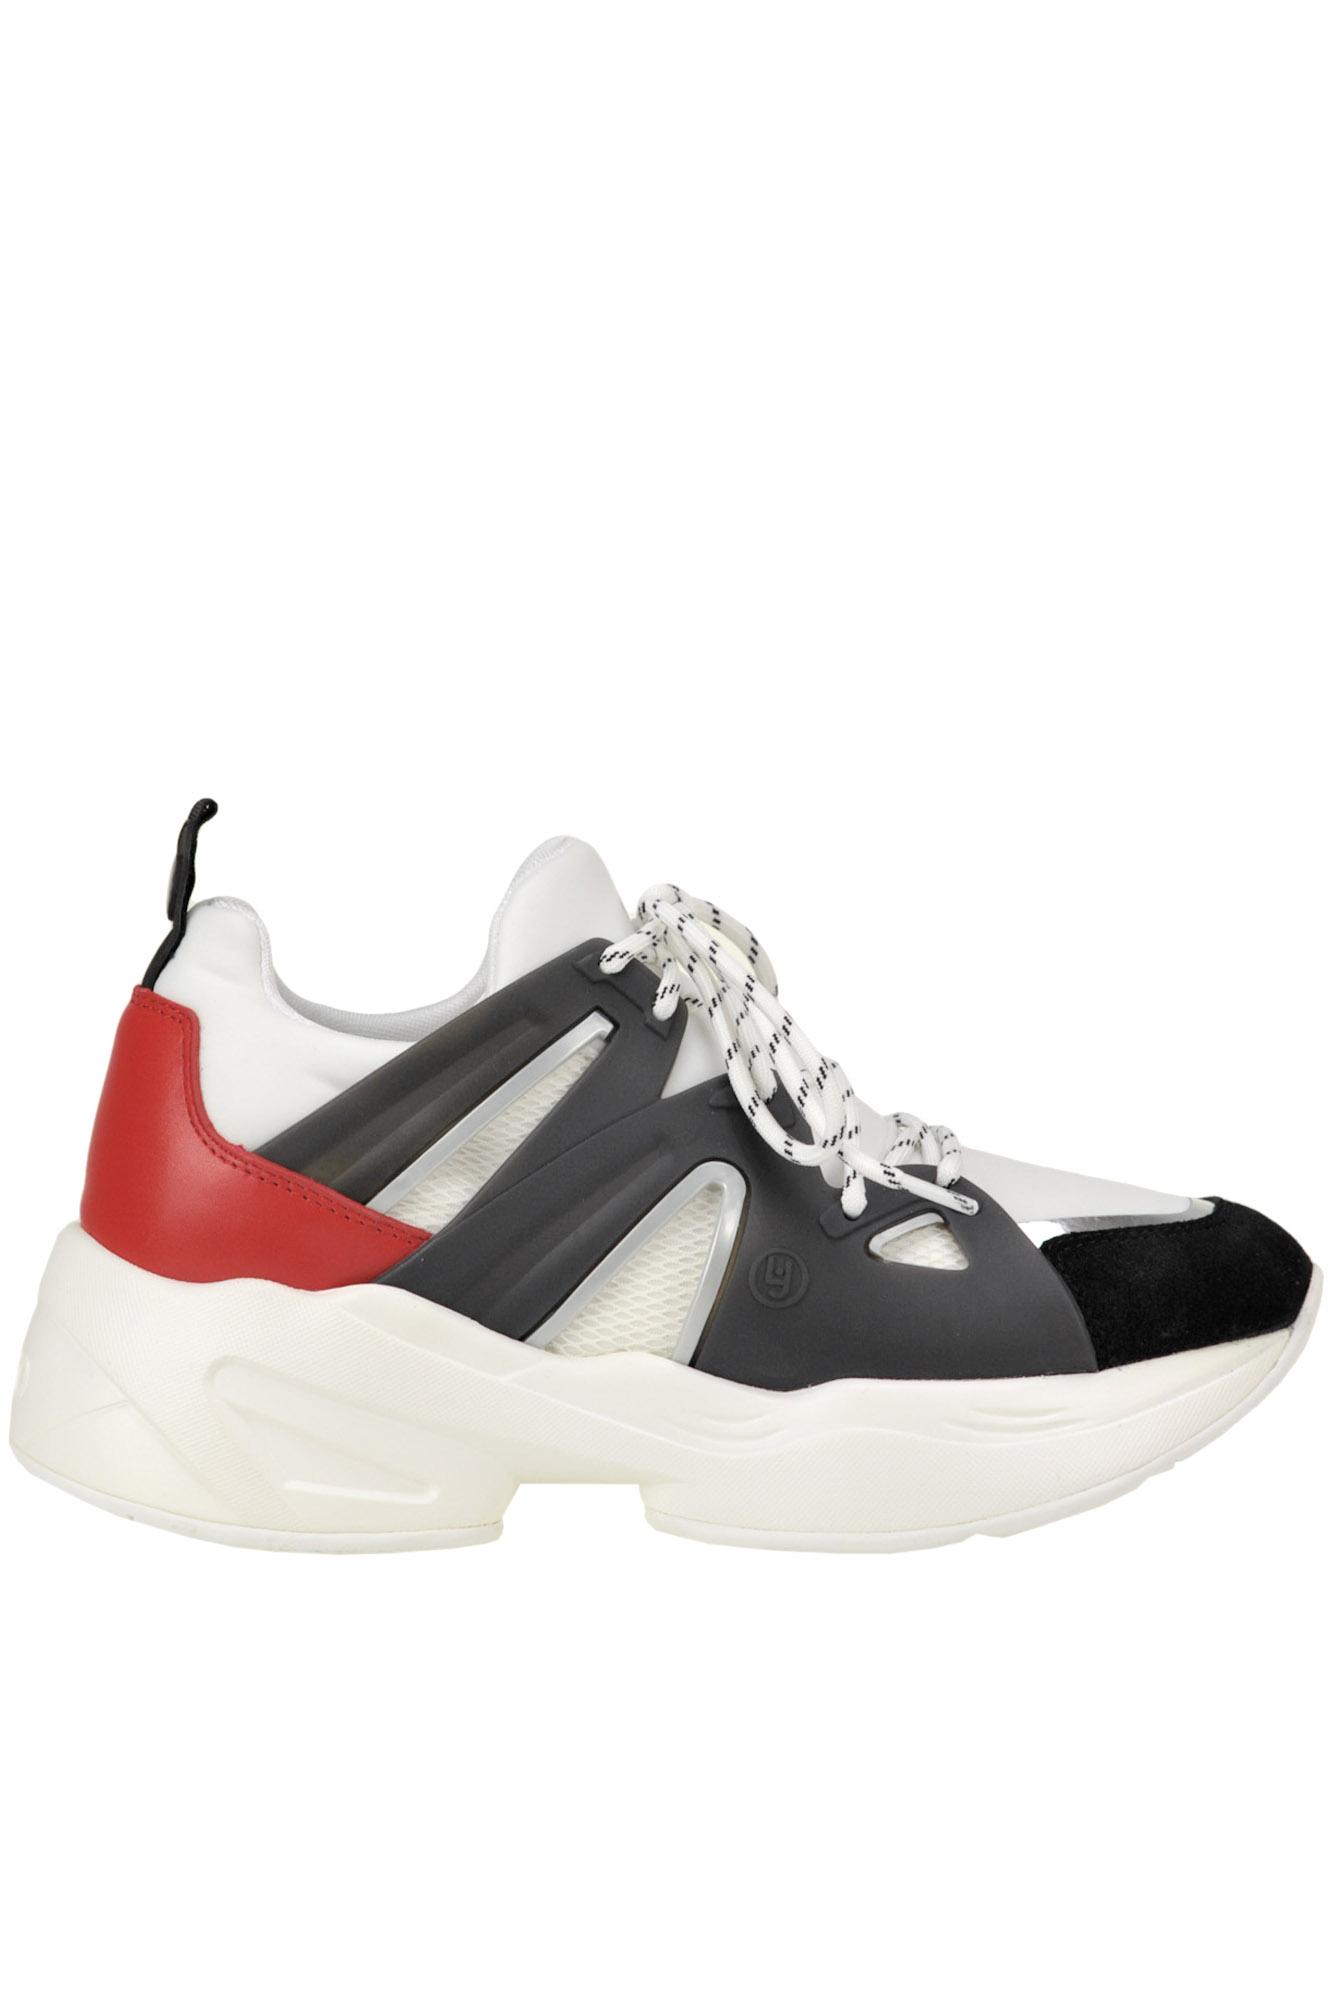 Liu Jo Jog Sock sneakers - Buy online